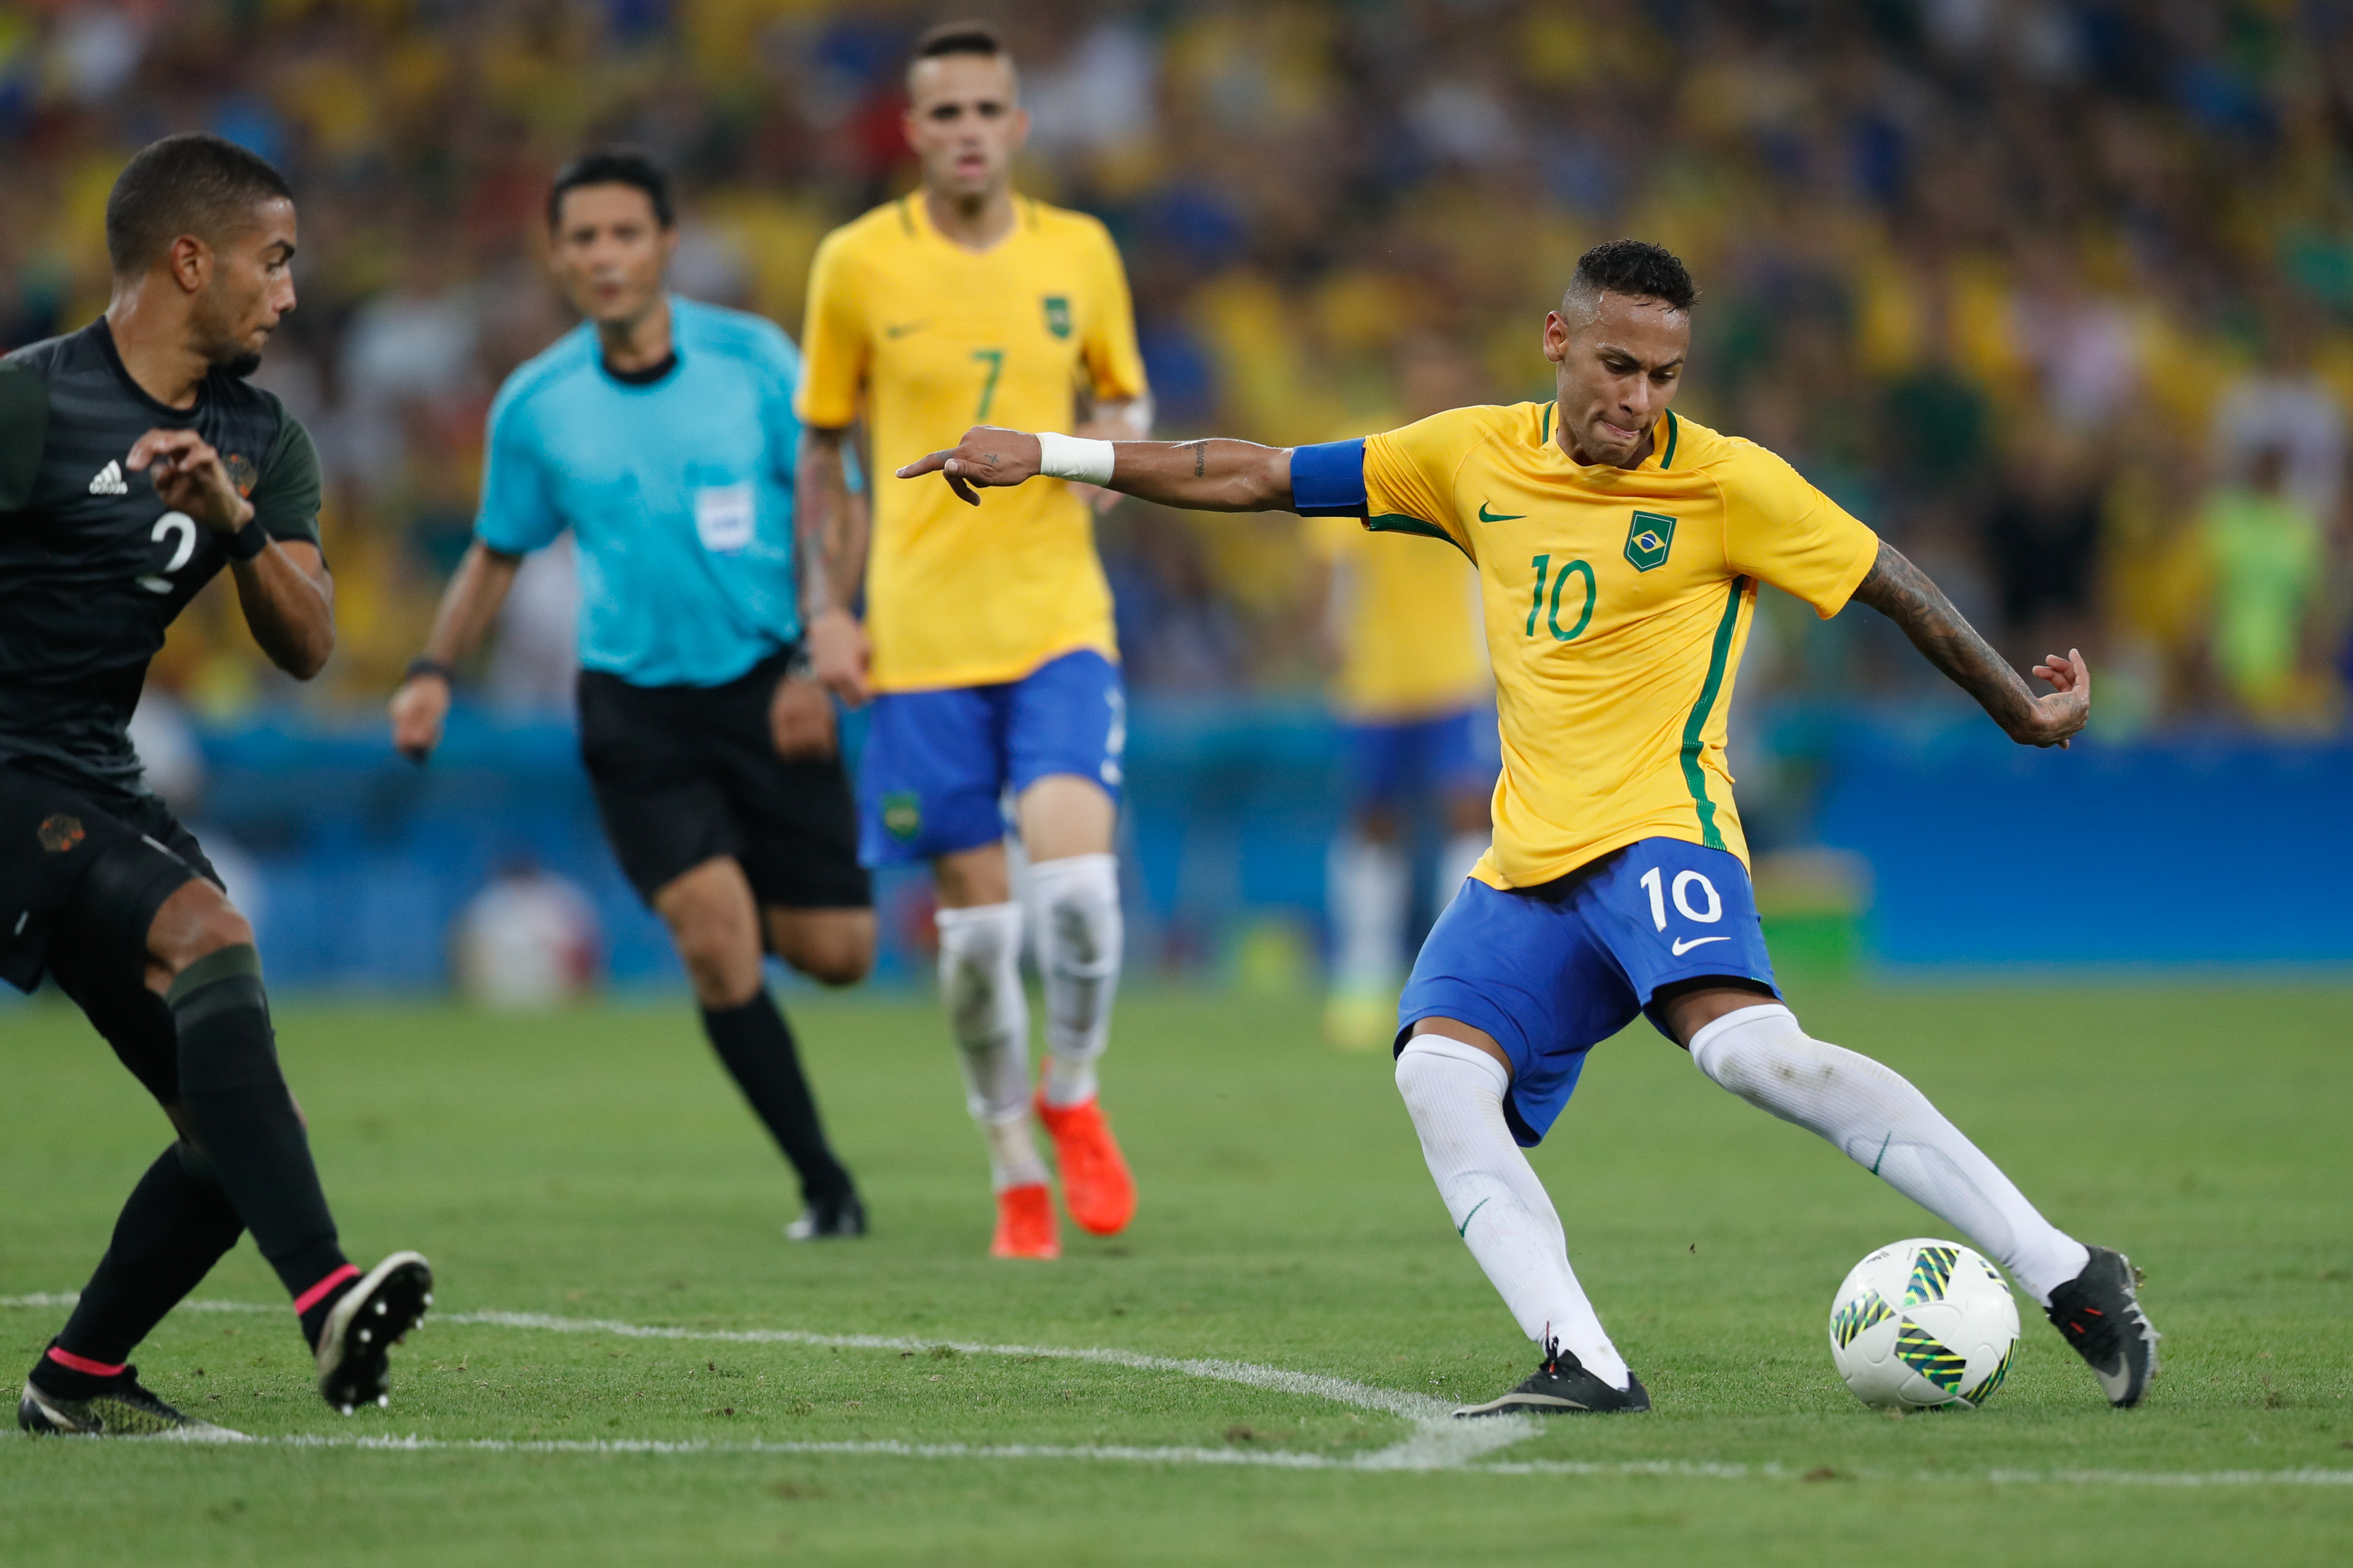 b23054bf153b9 Rio de Janeiro - A seleção brasileira de futebol enfrenta a Alemanha